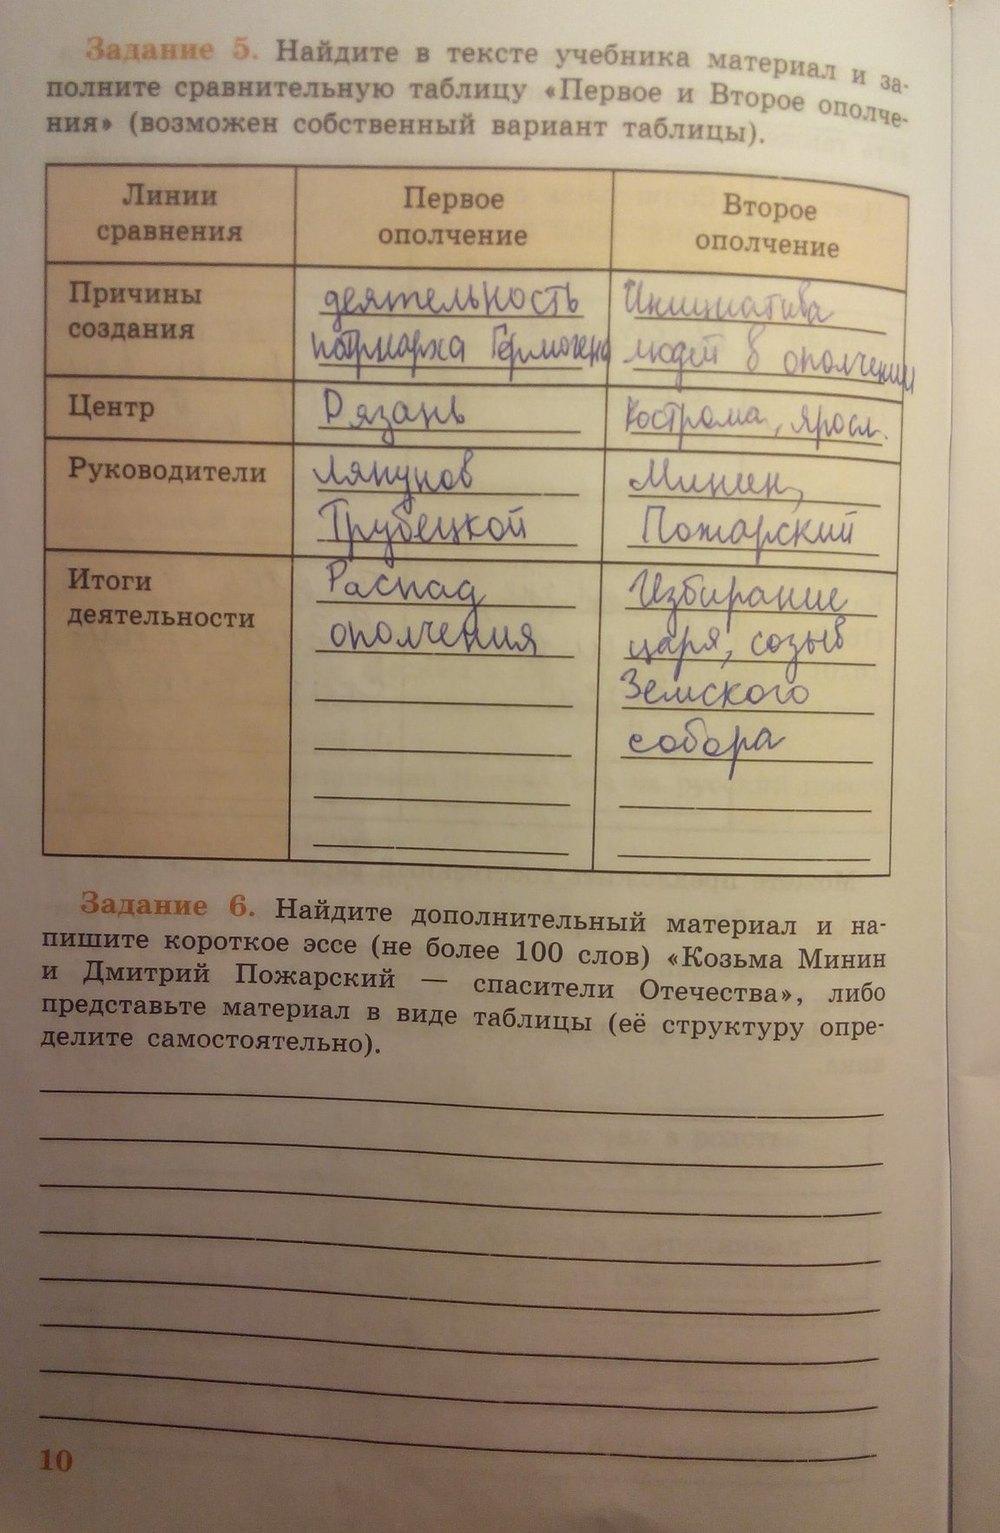 Решебник по истории 6 класс история россии данилов косулина тетрадь